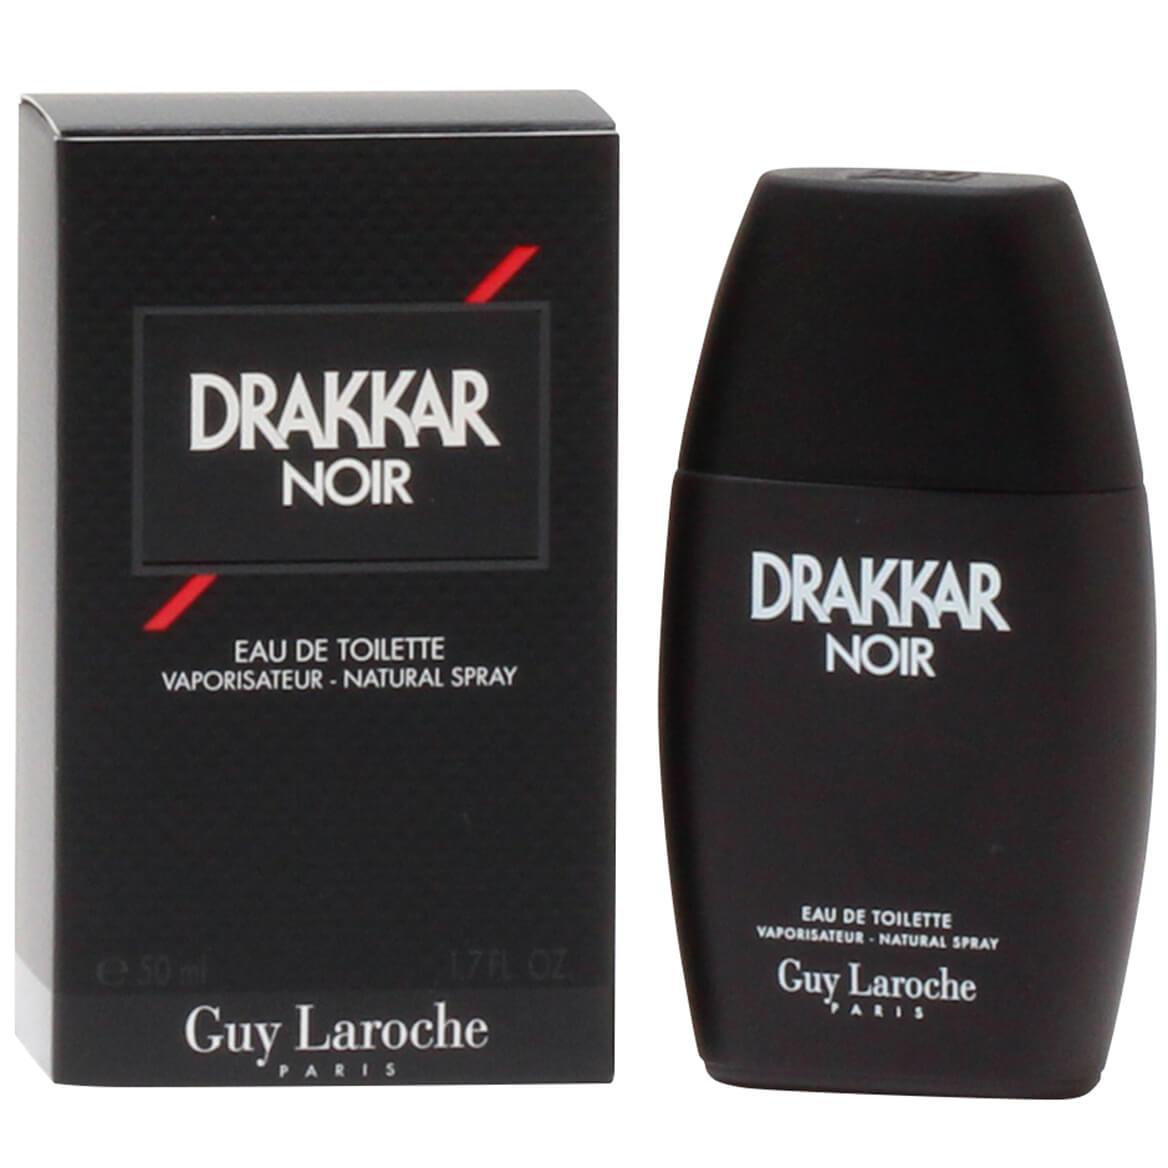 Guy Laroche Drakkar Noir Men, EDT Spray 1.7oz-360293